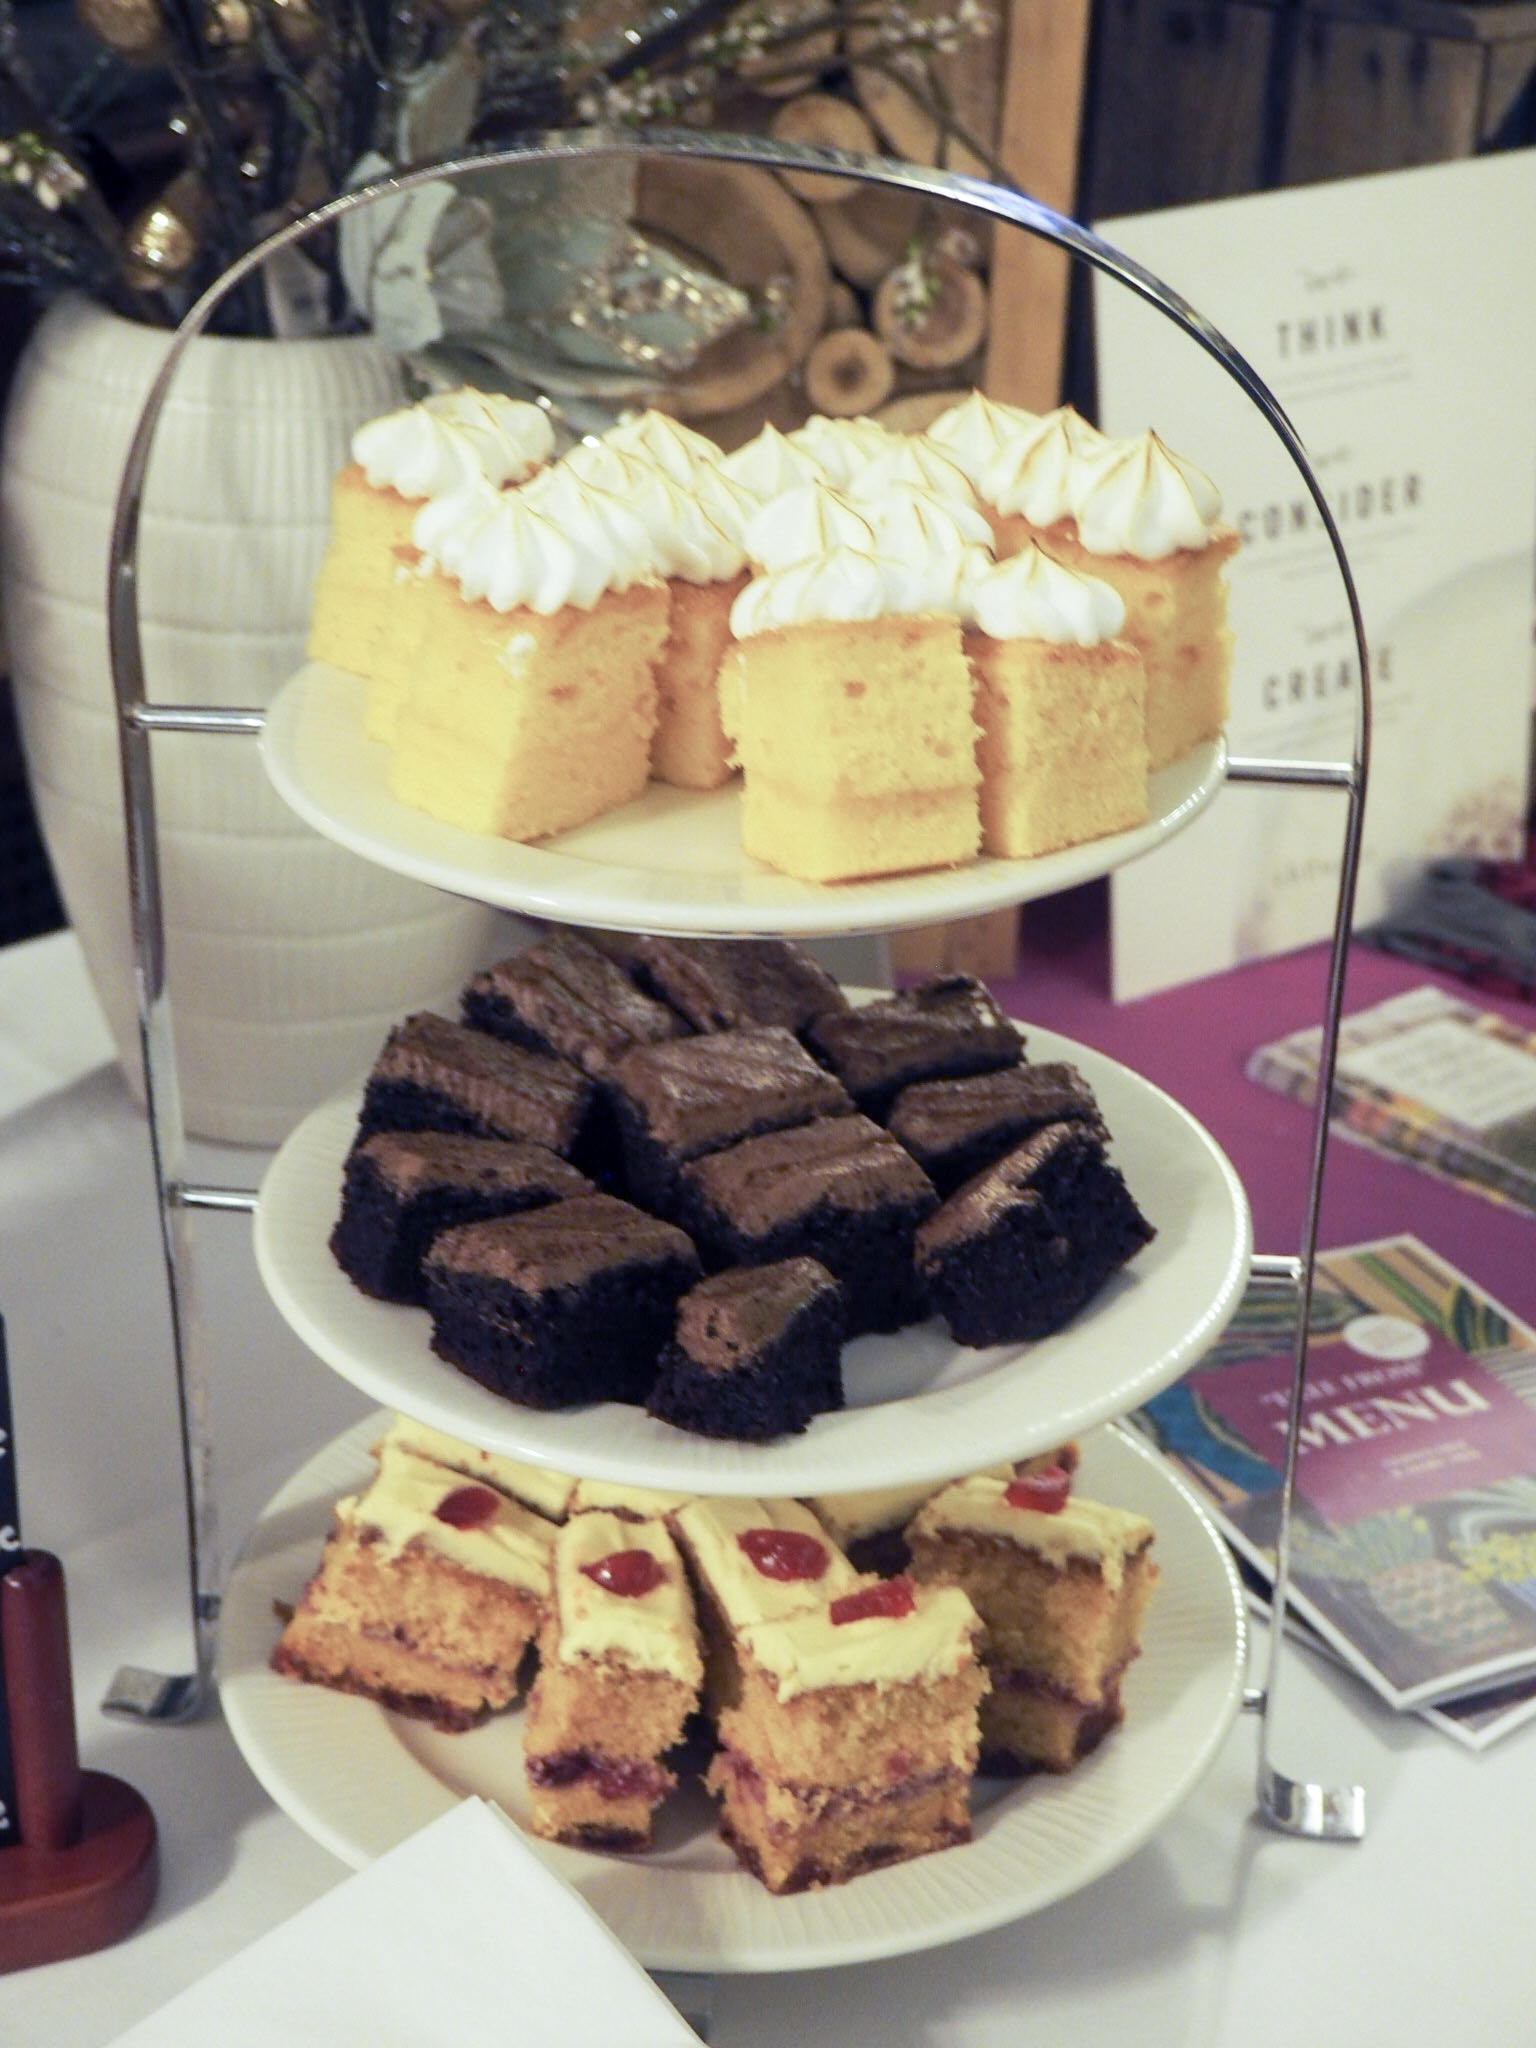 Perrywood Garden Centre cakes